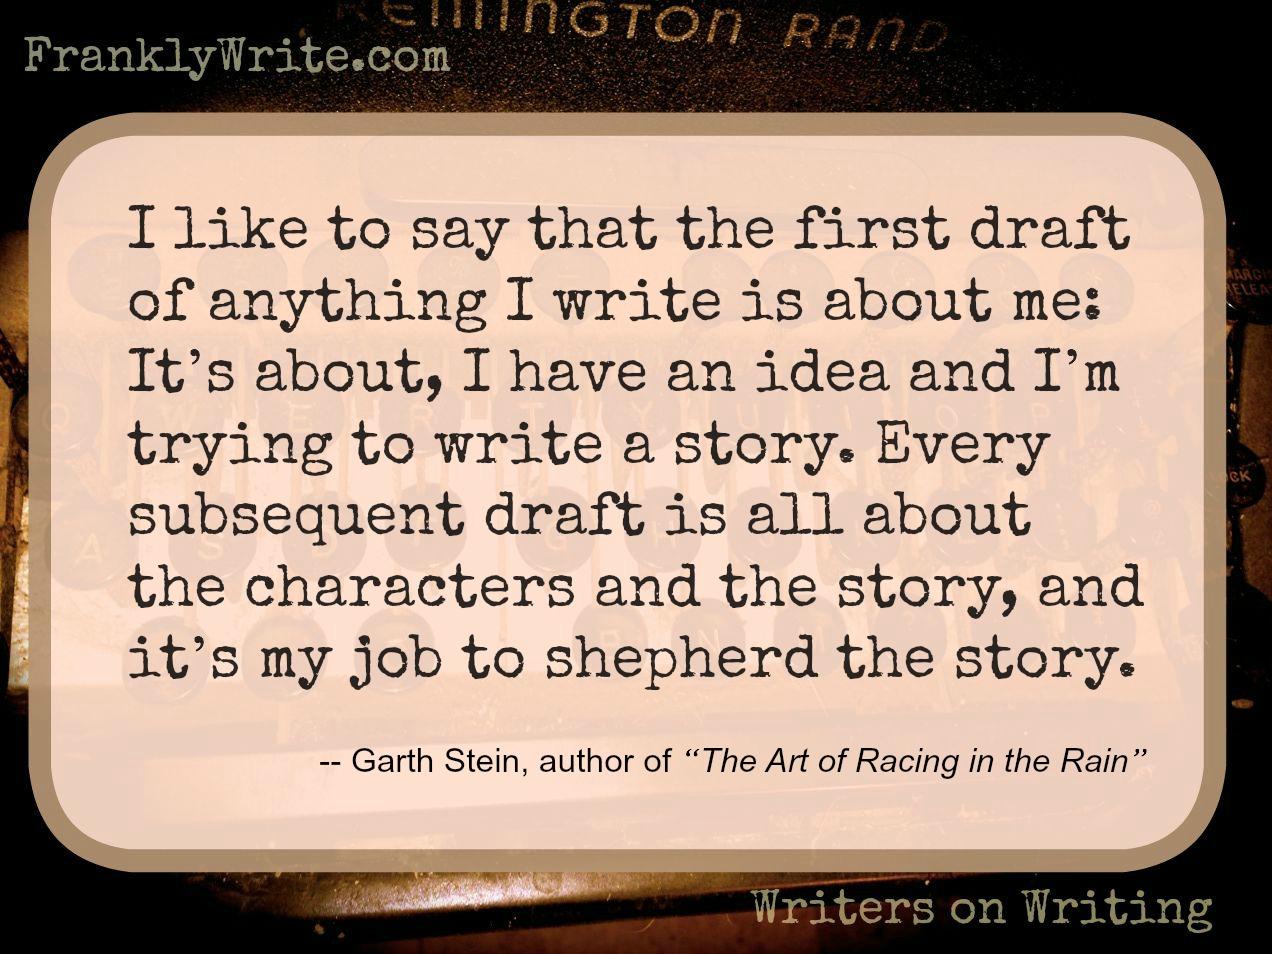 Garth Stein Story